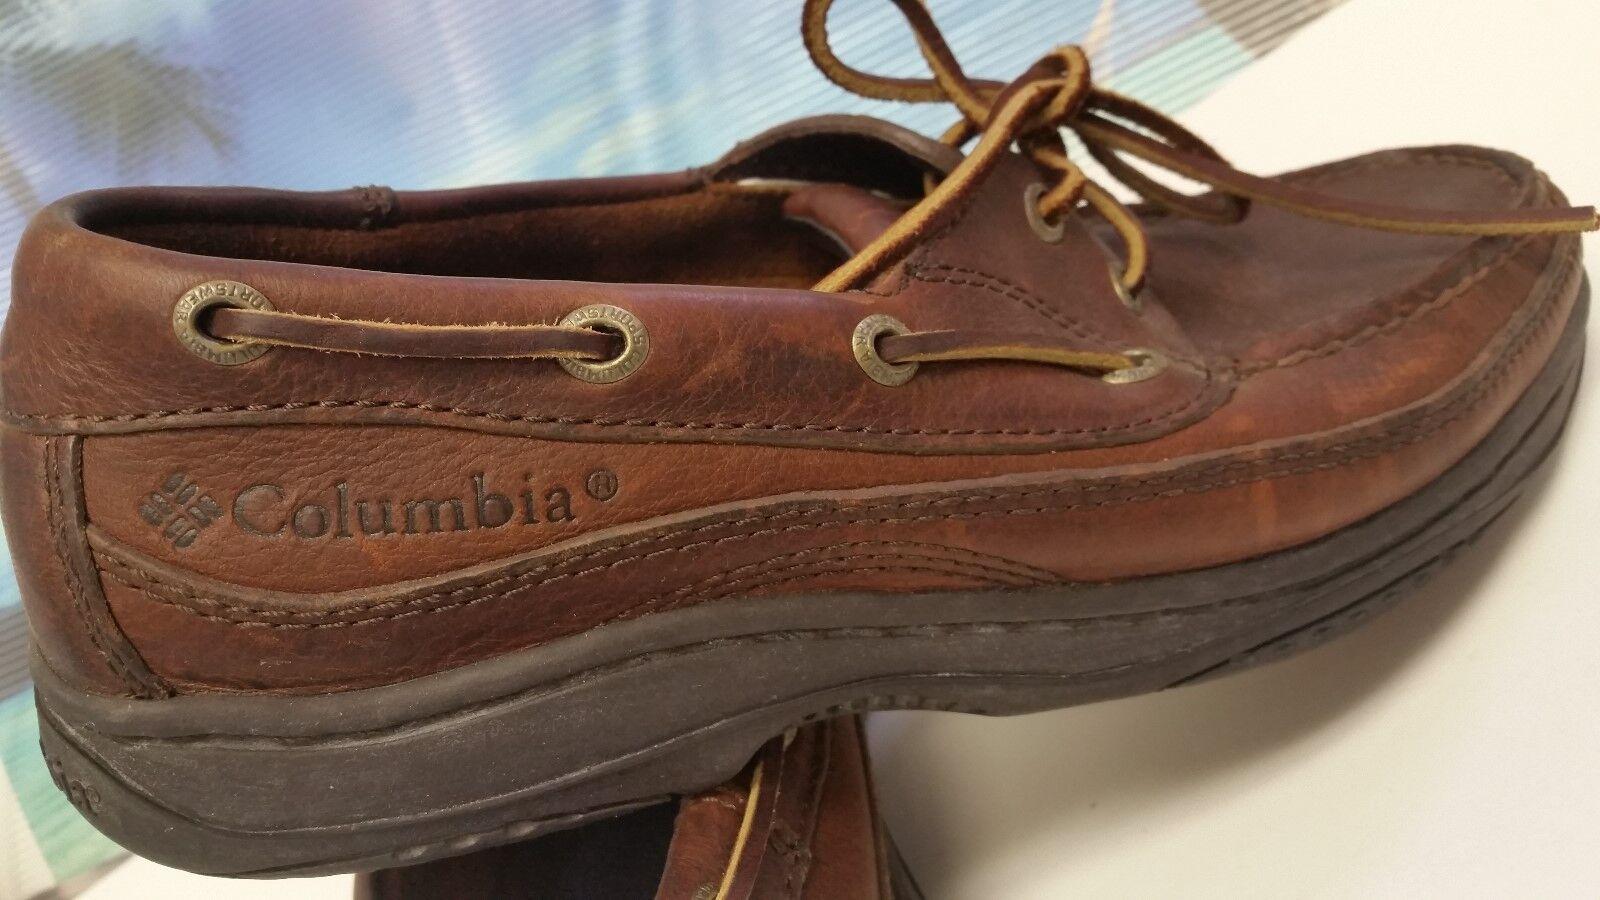 Scarpe casual da uomo Columbia Sportswear Perfect Cast Boat Shoes Brown Leather uomo US size 8 -